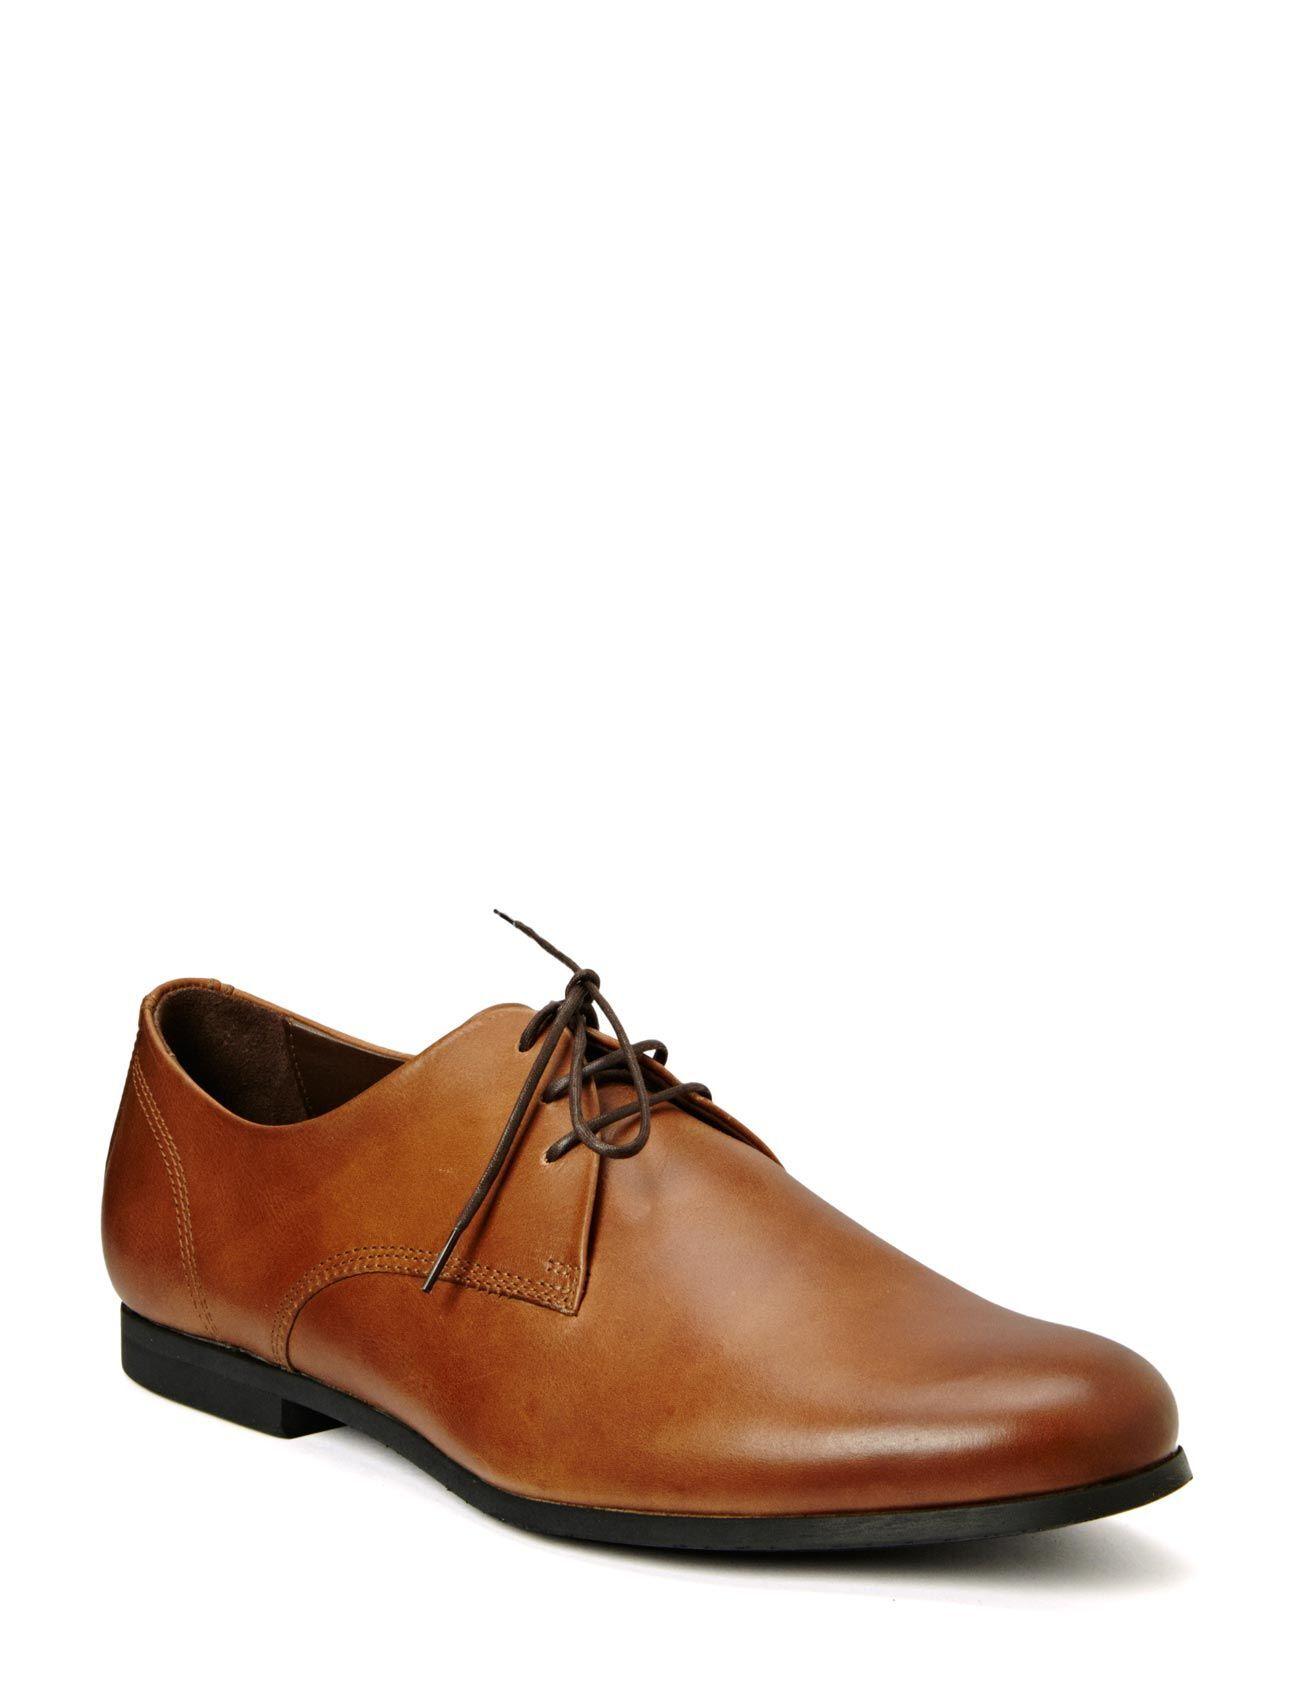 Royal RepubliQ Cast Derby Shoe